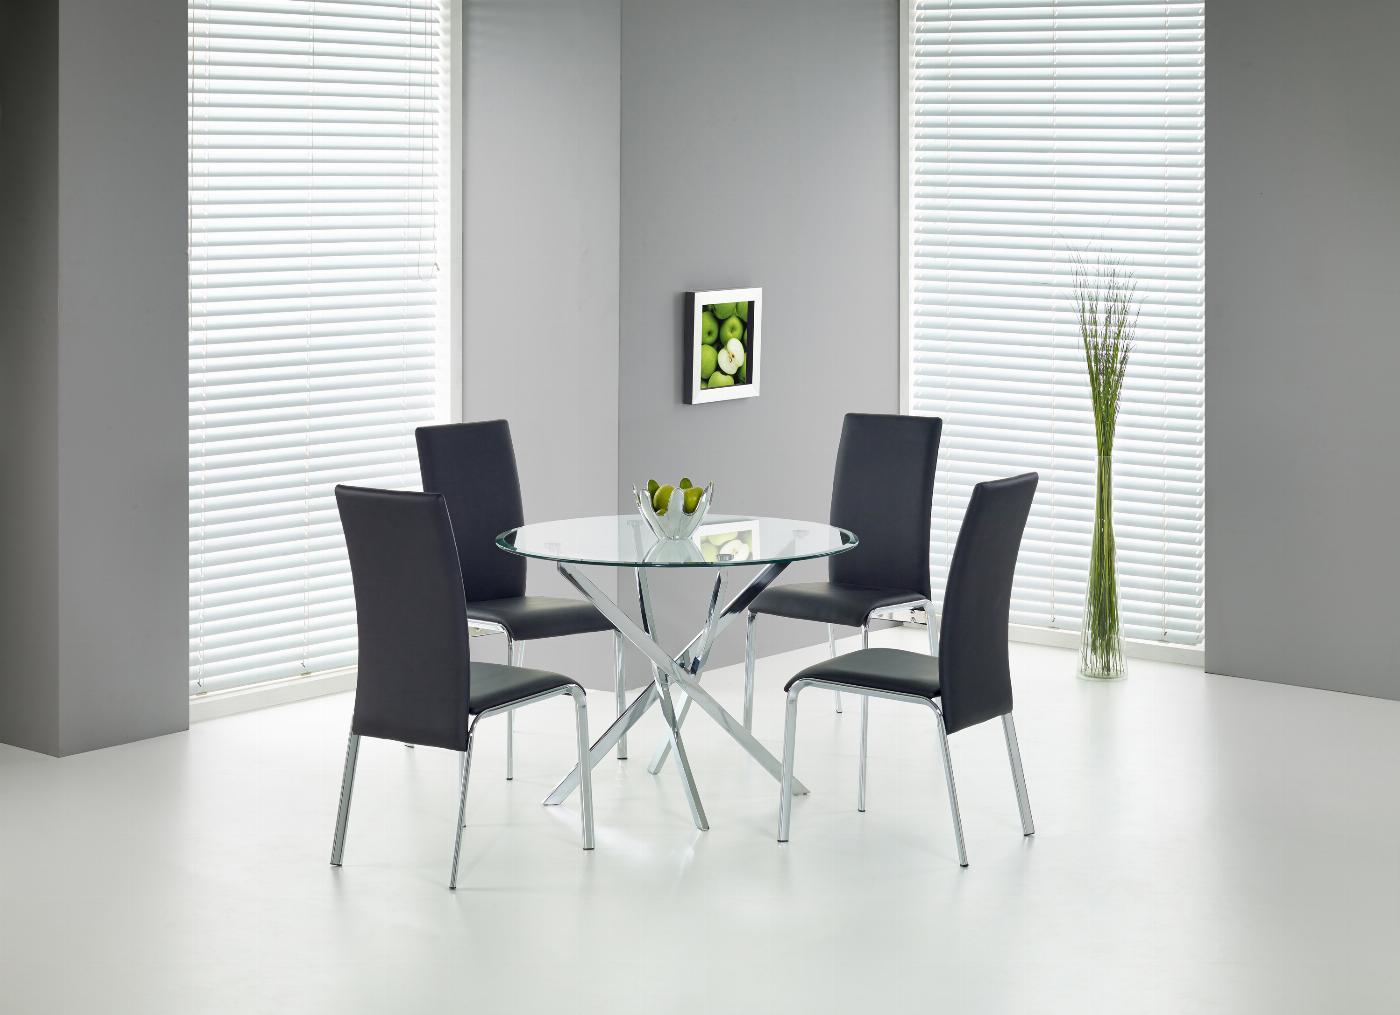 RAYMOND stół, blat - transparentny, nogi - chrom (2p=1szt)